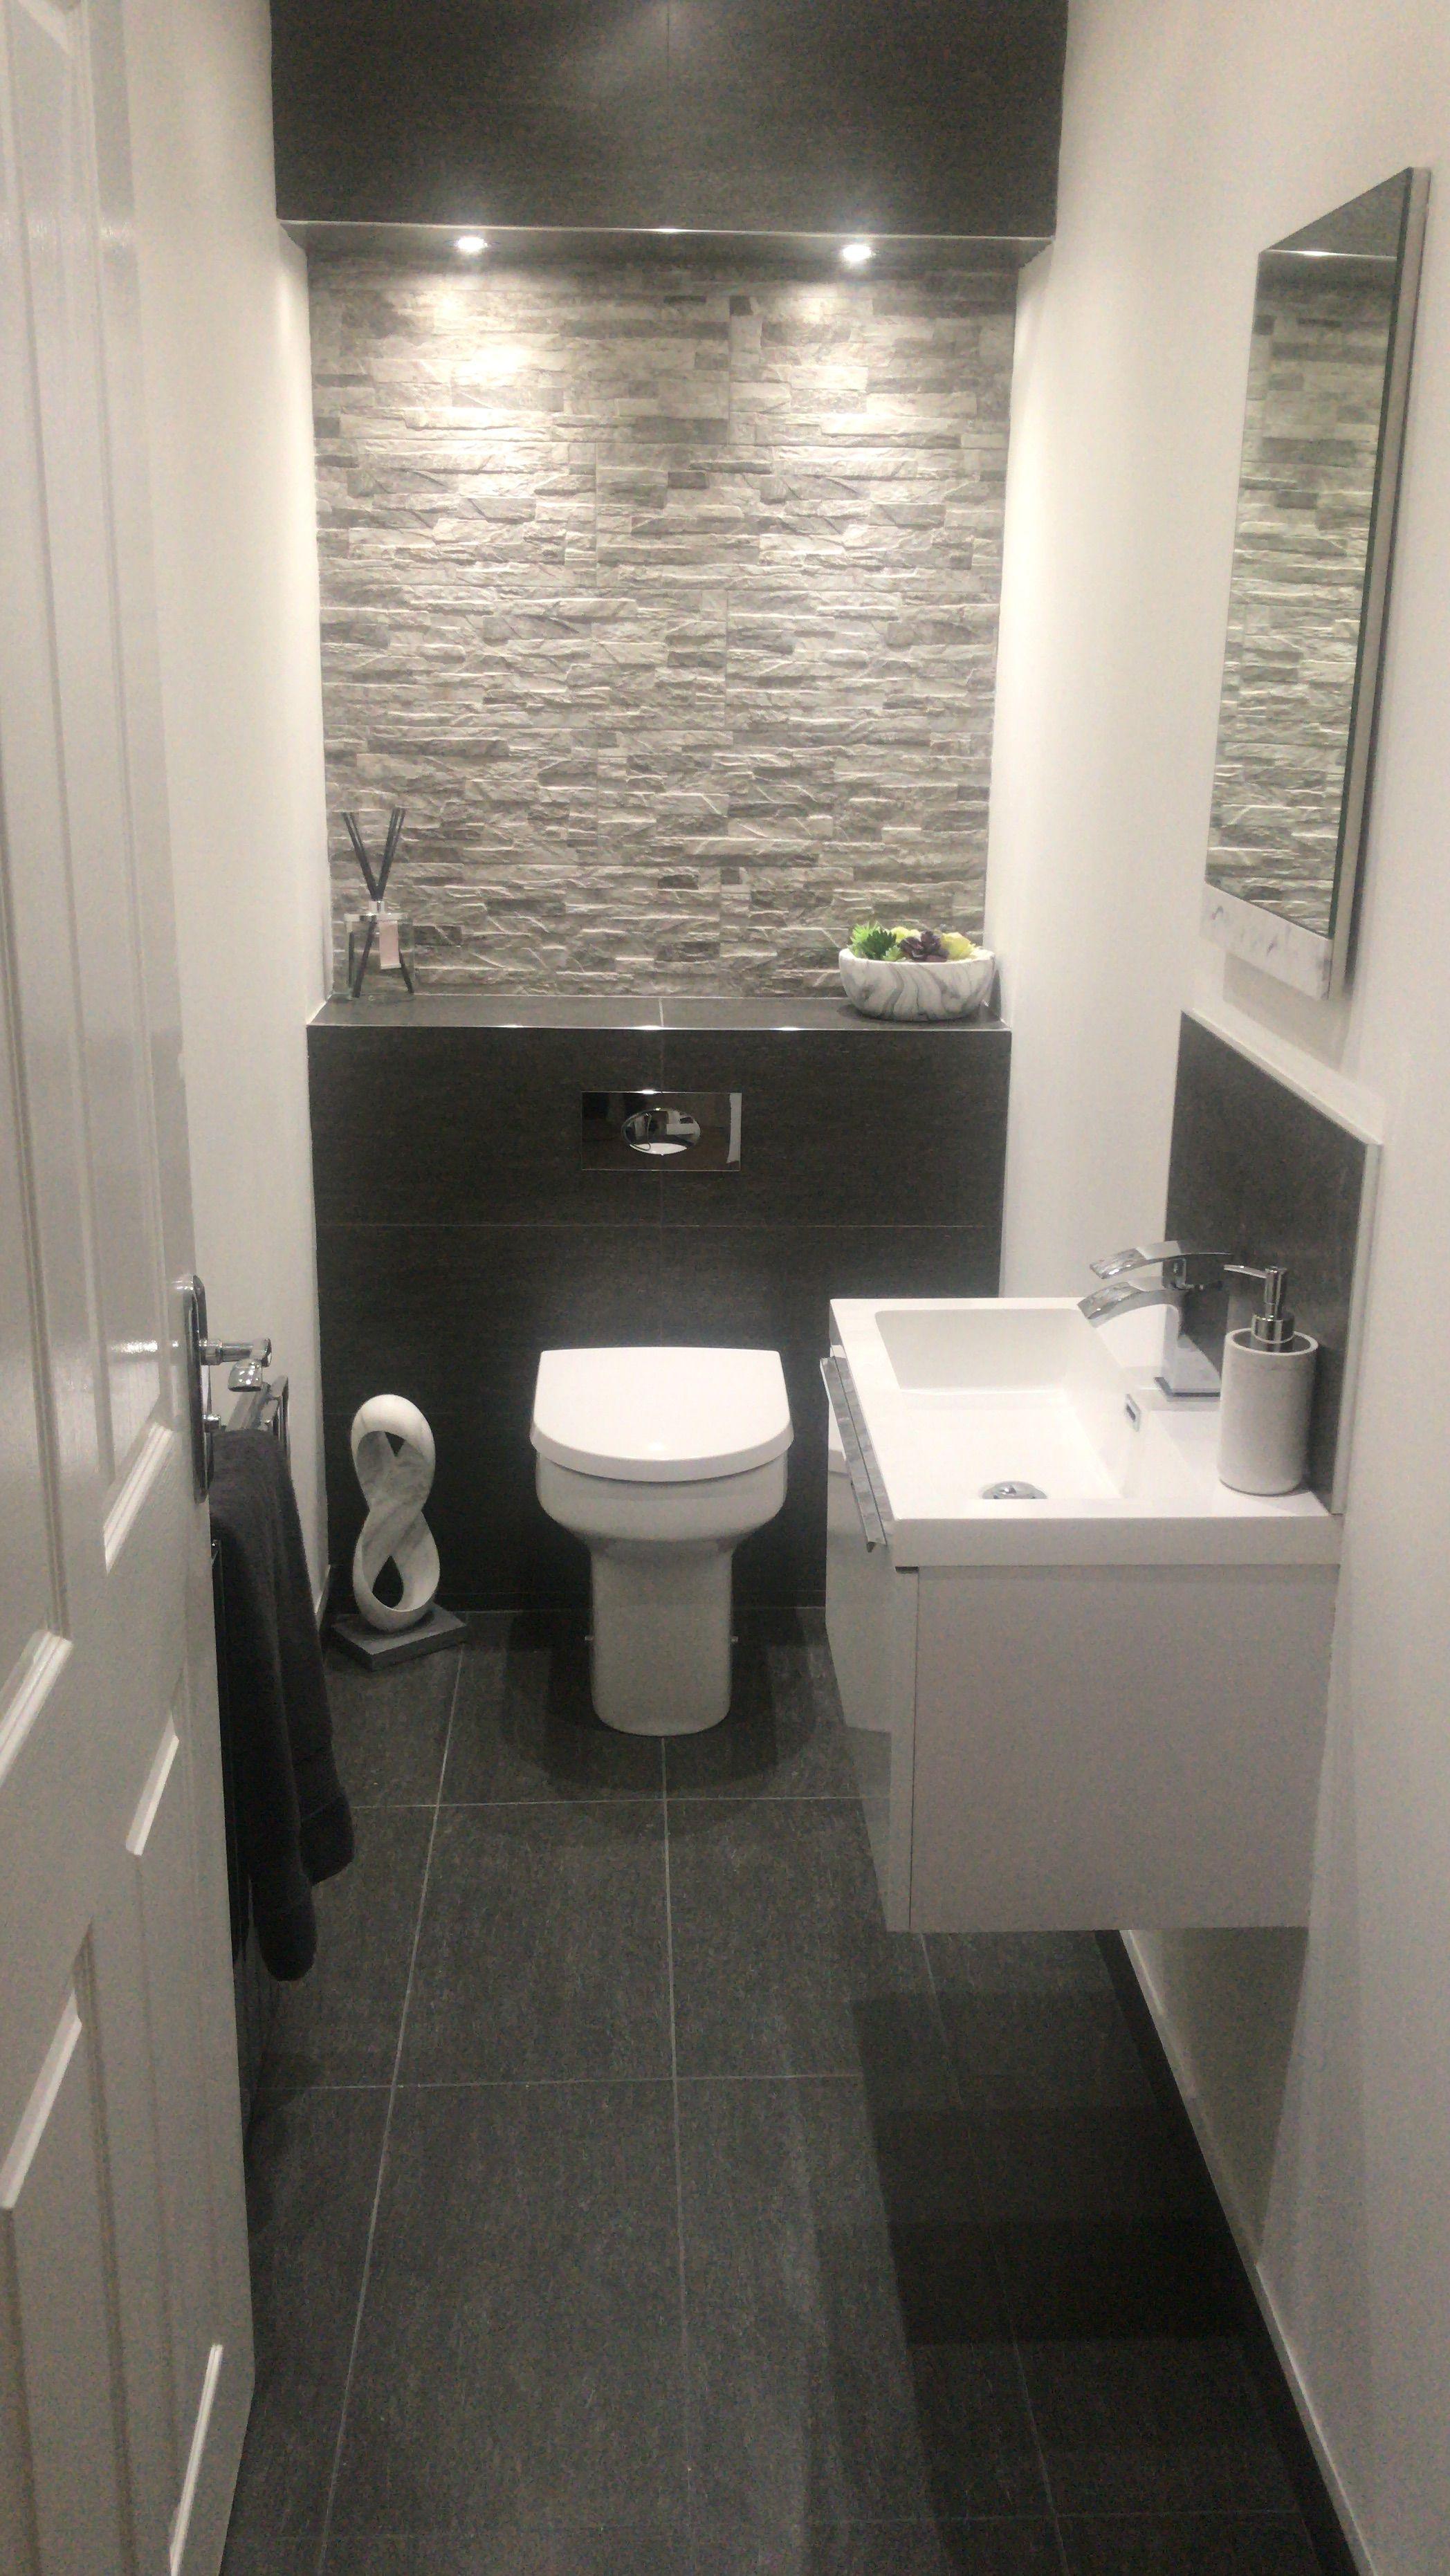 Pin Von Waclikova Sarka Auf Koupelky In 2020 Kleines Wc Zimmer Kleine Toilette Wohnung Badezimmer